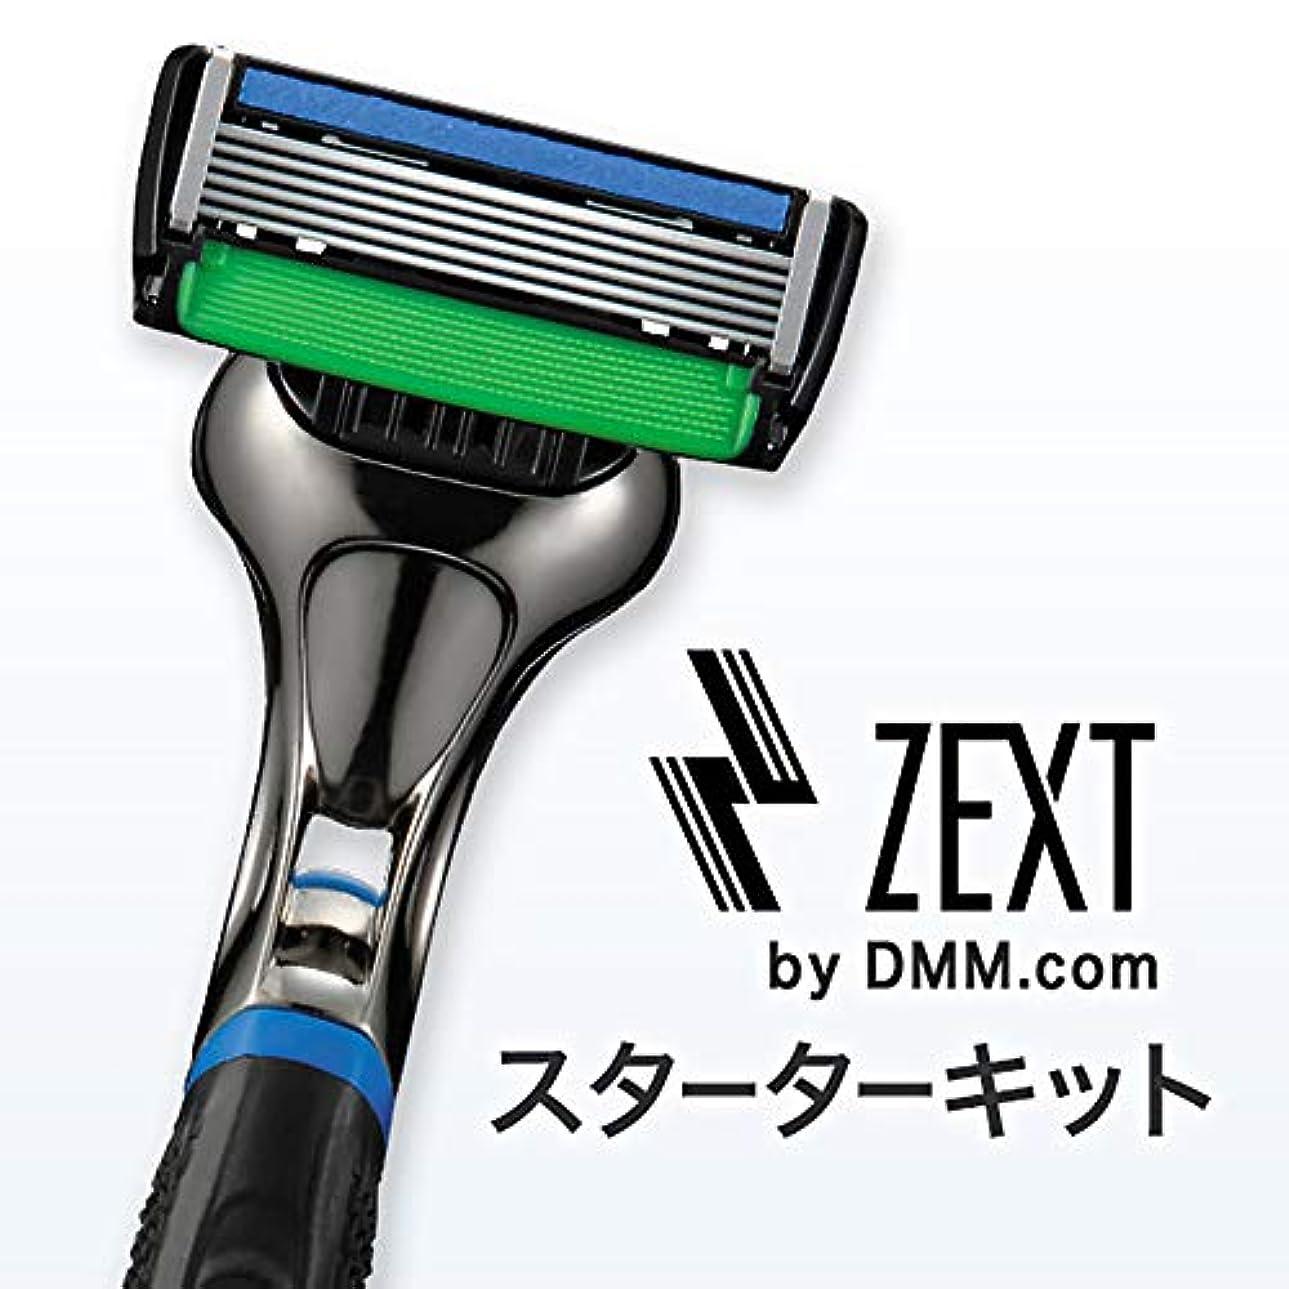 スラックタイヤ行為ZEXT 6枚刃カミソリ 本体替刃1個付